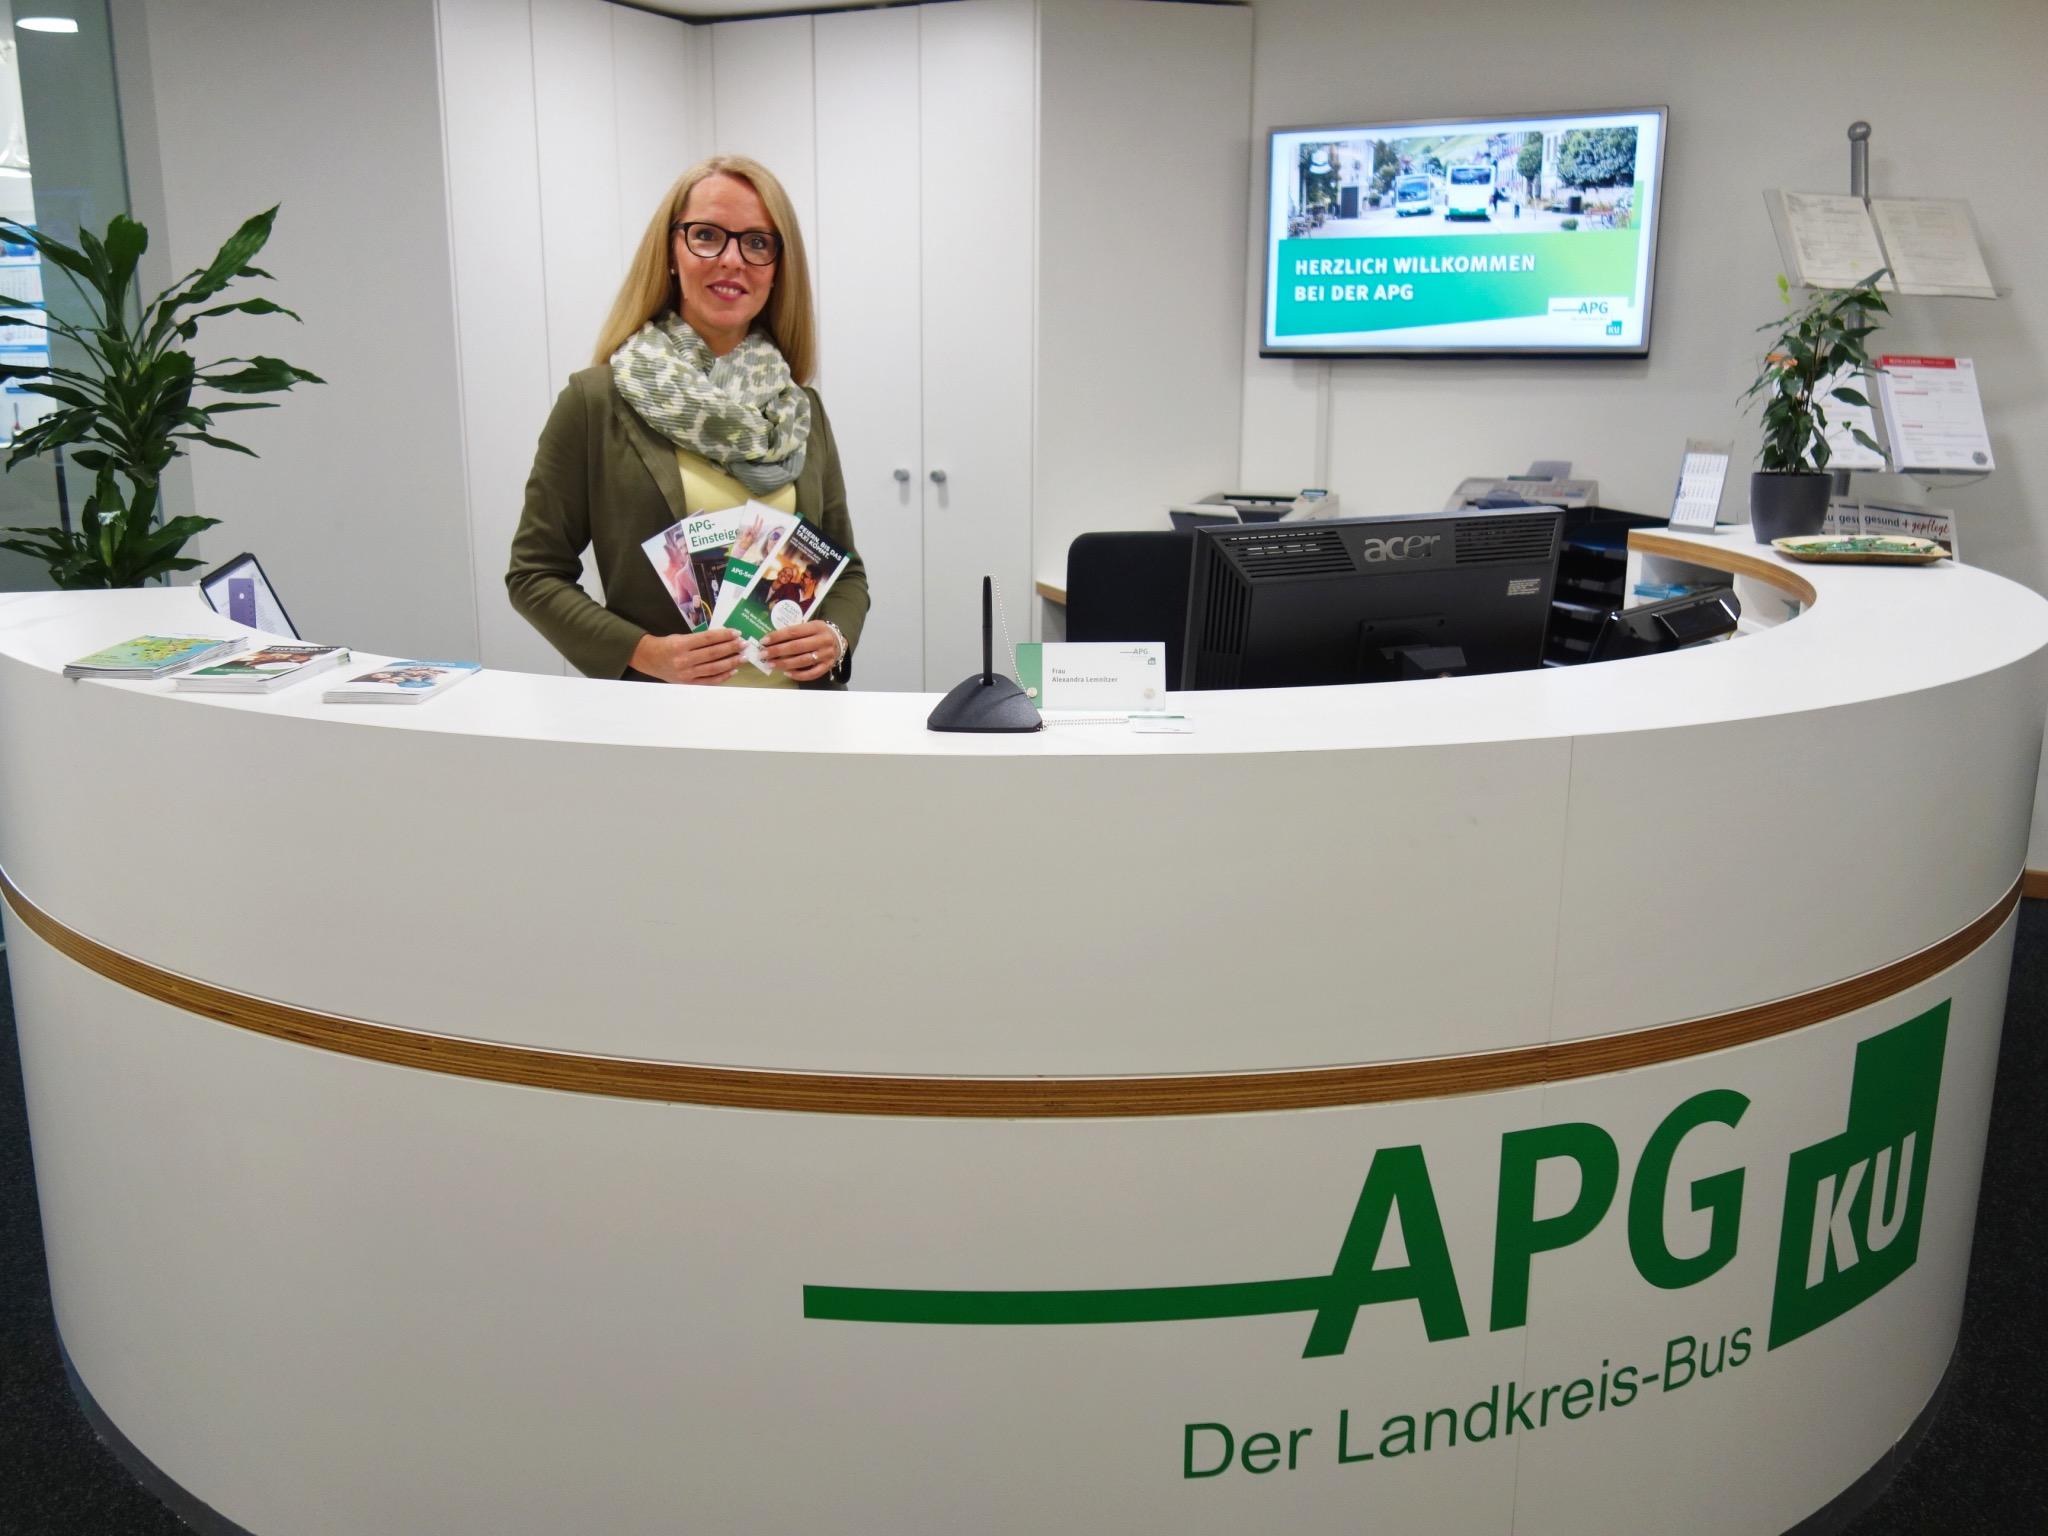 ÖPNV-Beratung & Ticketverkauf aus einer Hand im neuen Beratungscenter der APG. Foto: Kommunalunternehmen des Landkreises Würzburg